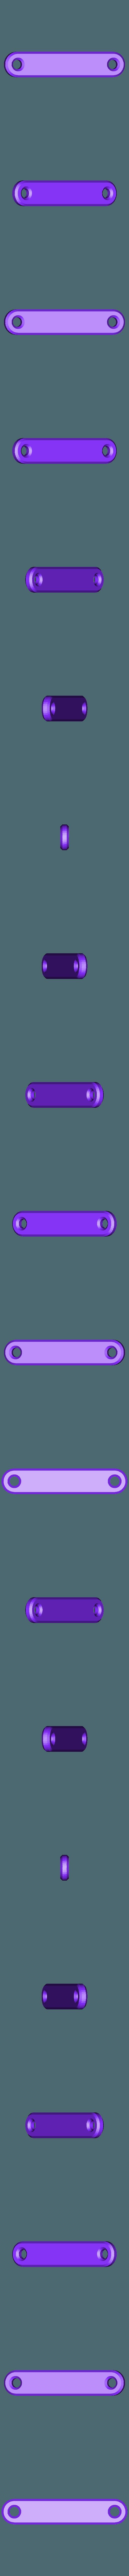 Part3.STL Télécharger fichier STL gratuit Présentoir pivotant à 360 • Modèle à imprimer en 3D, MAKEIT